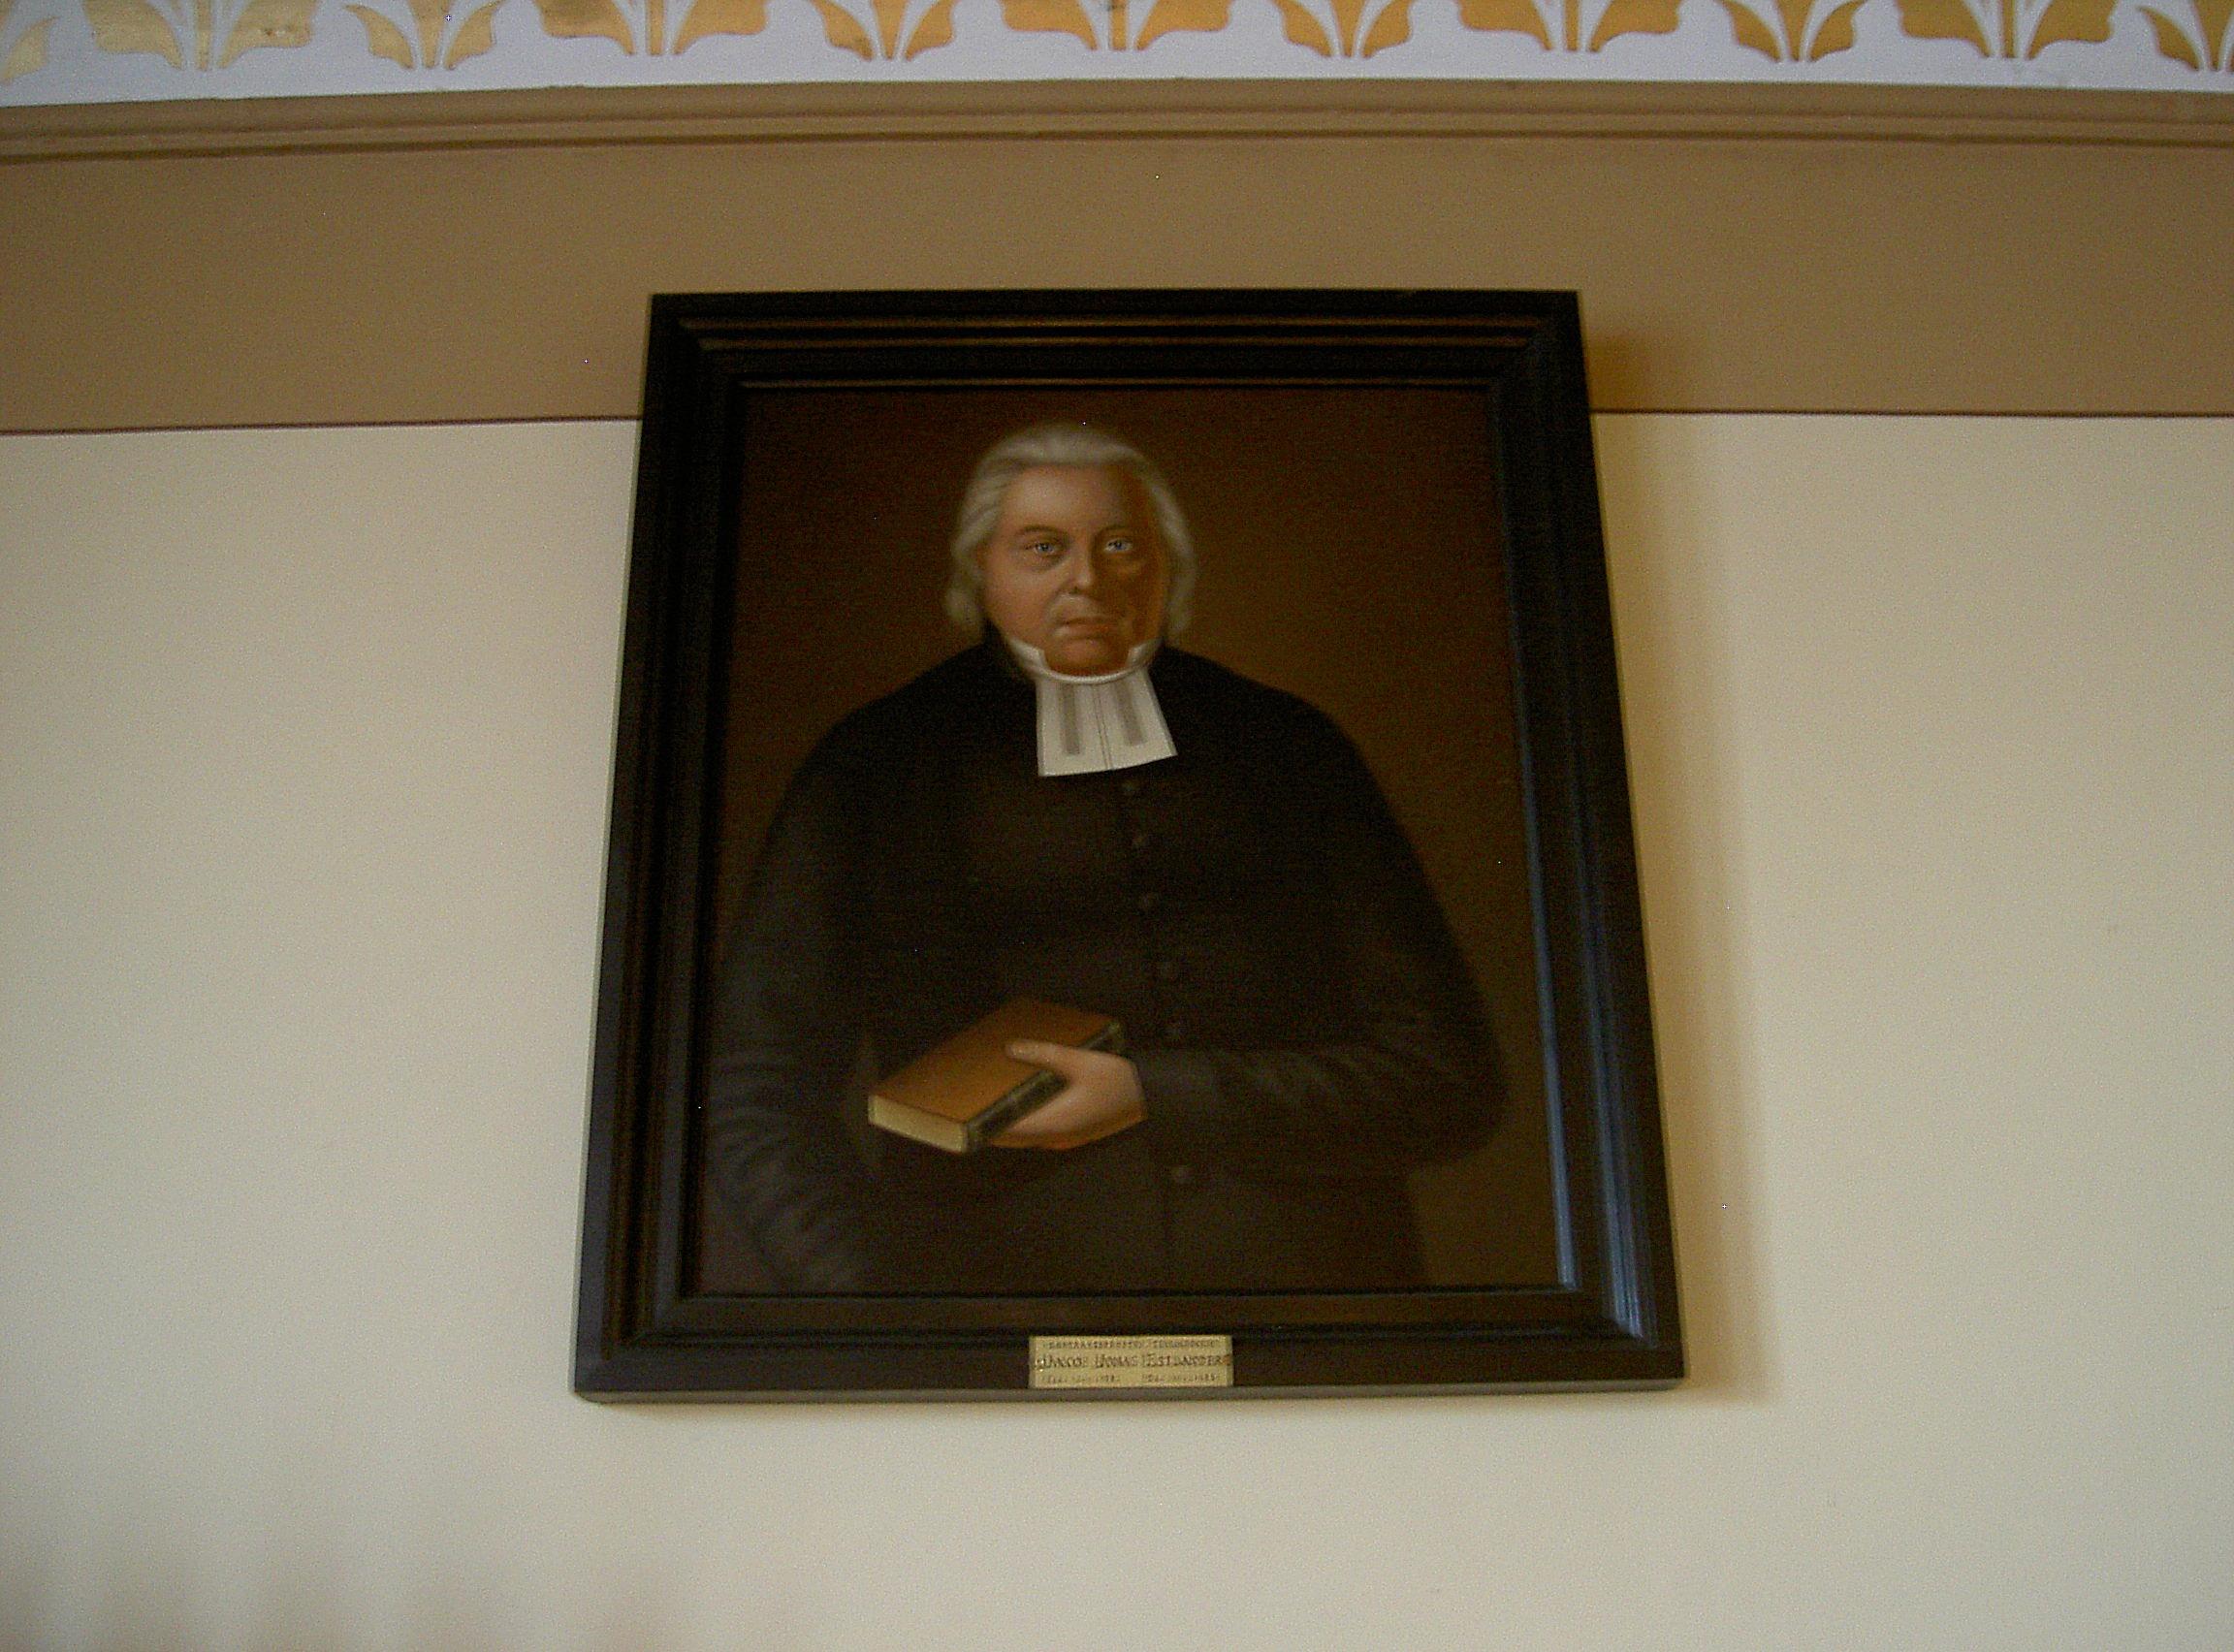 Den här tavlan målade Herman Adrian Barkman, föreställande kyrkoherden Jakob Jonas Estlander. Dem har hängt i sakristian i Lappfjärds kyrka ända sedan den byggdes.